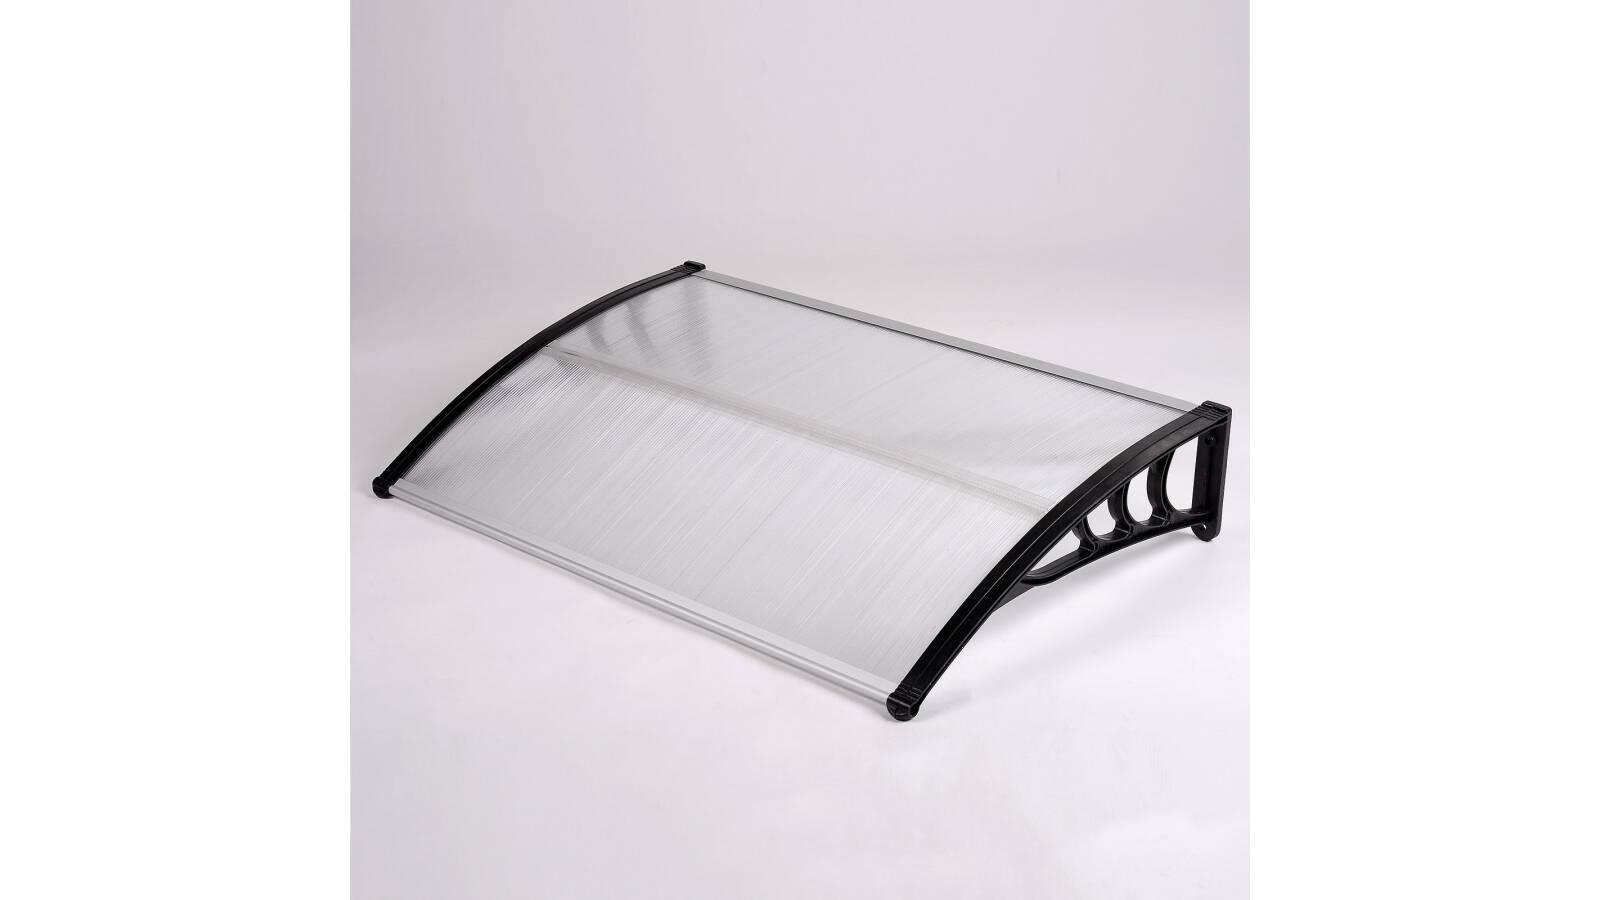 Alero de policarbonato transparente   1,2 x 0,8 m   puertas ventanas